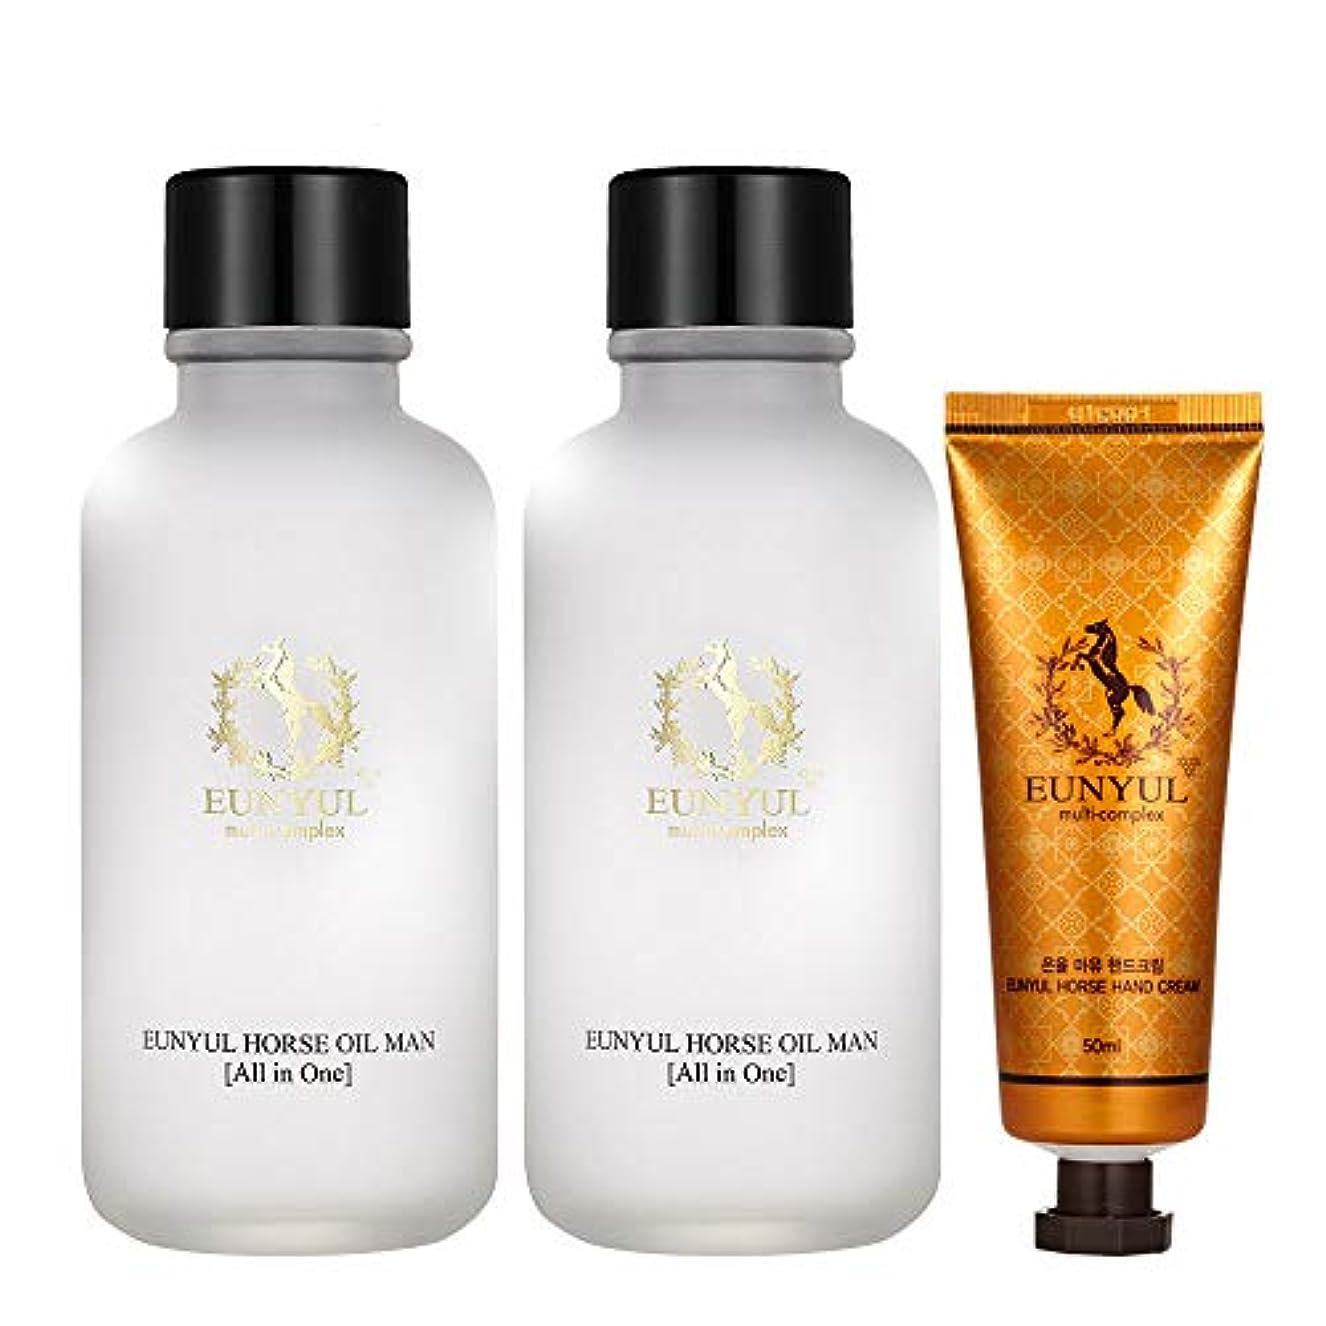 クリア調子岩Eunyul メンズ馬油オールインワン125ml 2個(スキン+ローション+エッセンス)+ハンドクリーム Horse Oil Man All In One 2pcs + hand cream [並行輸入品]